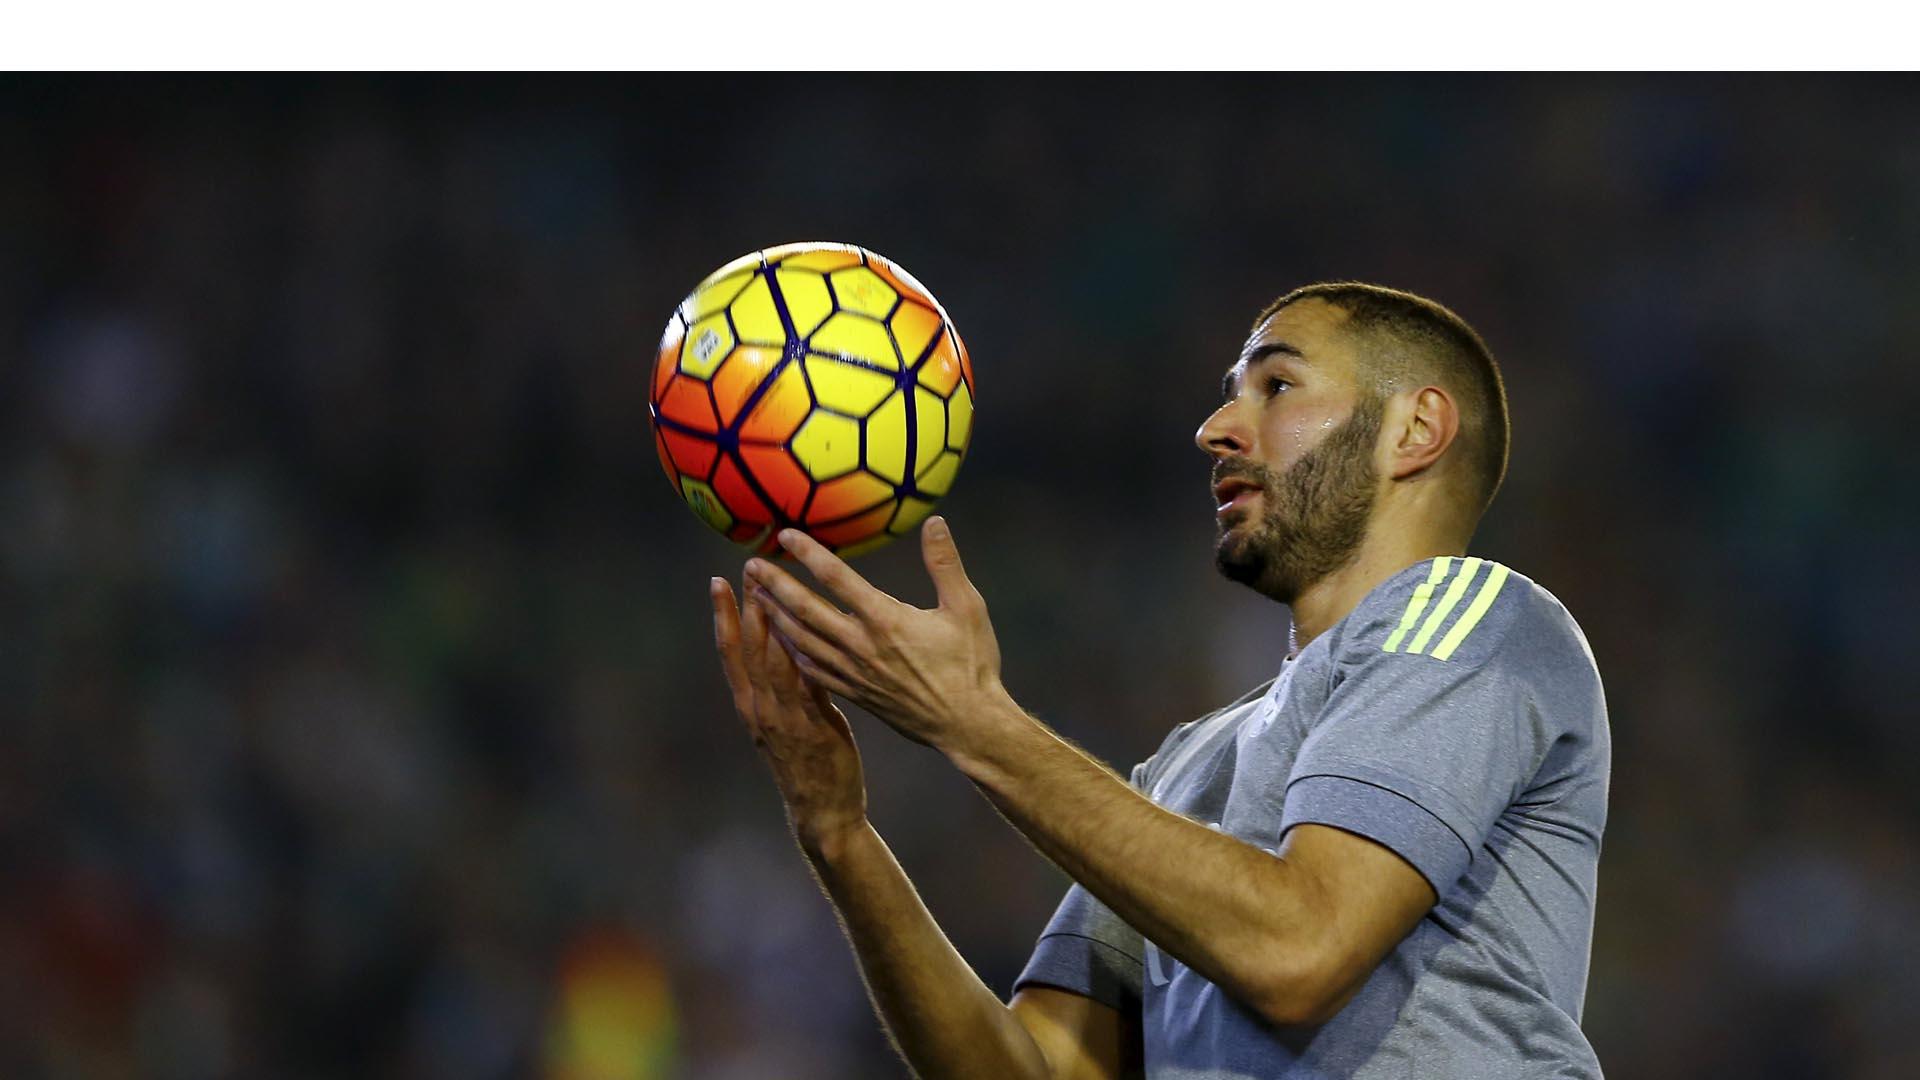 El número 9 del Madrid fue imputado por estar implicado en un chantaje contra Mathieu Valbuena